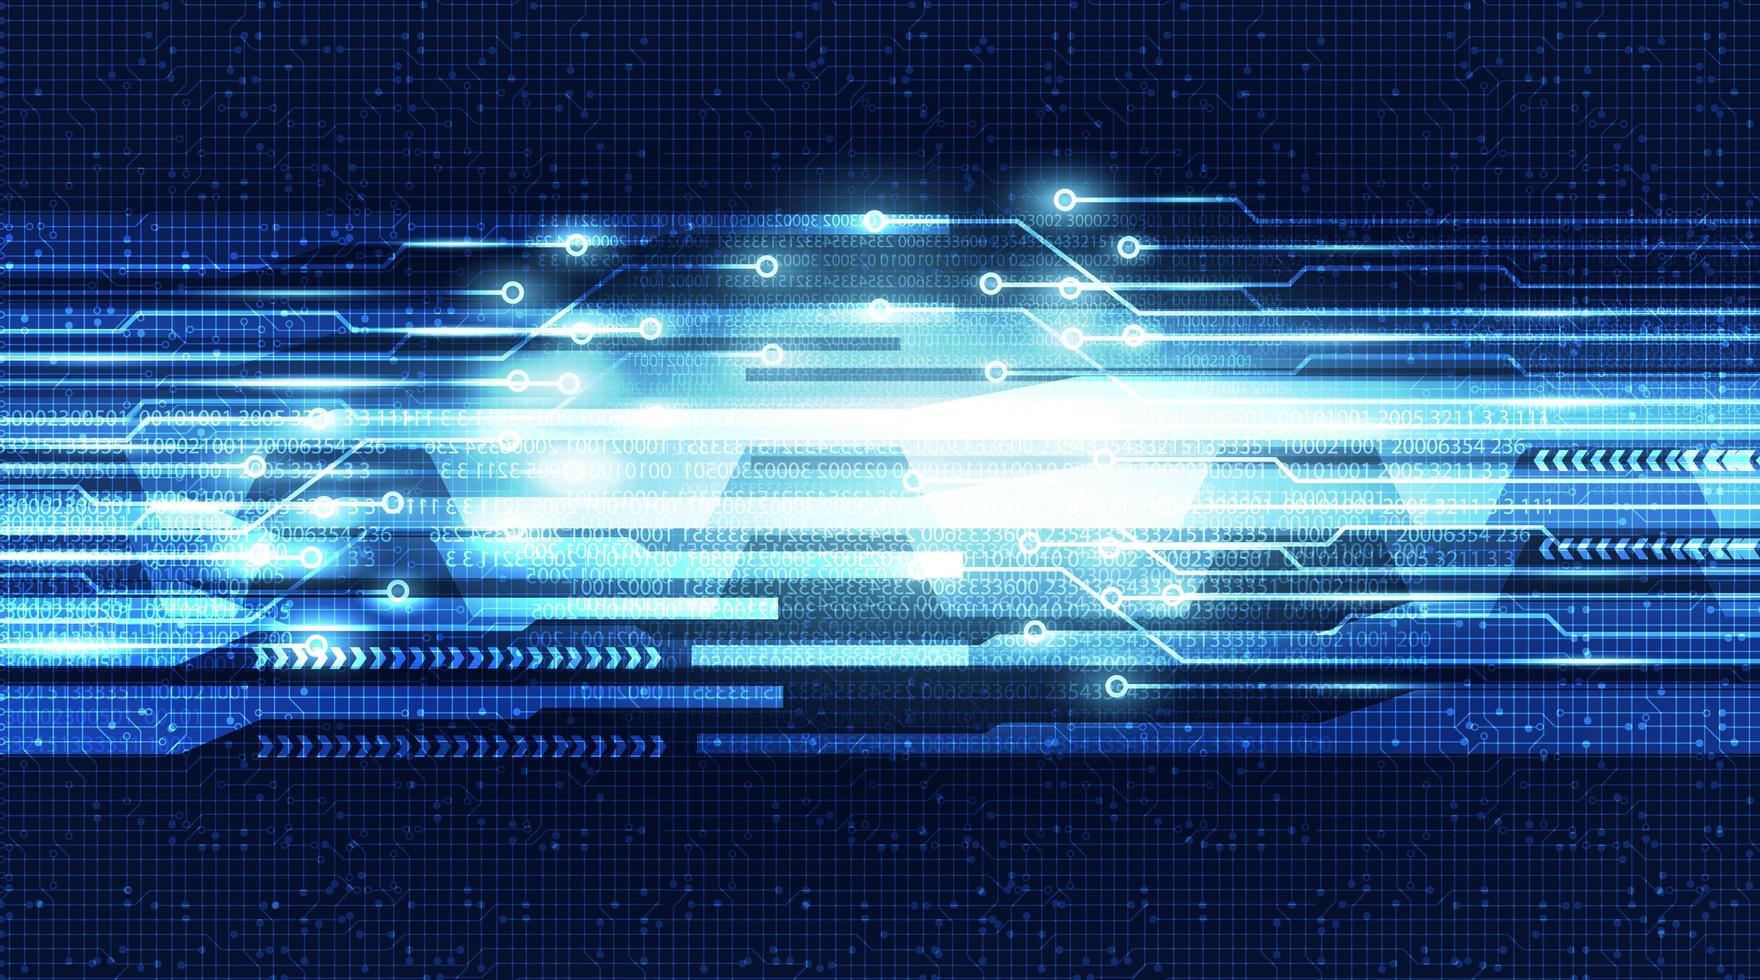 Ljus futuristisk digital krets med nätverksteknologibakgrund. vektor